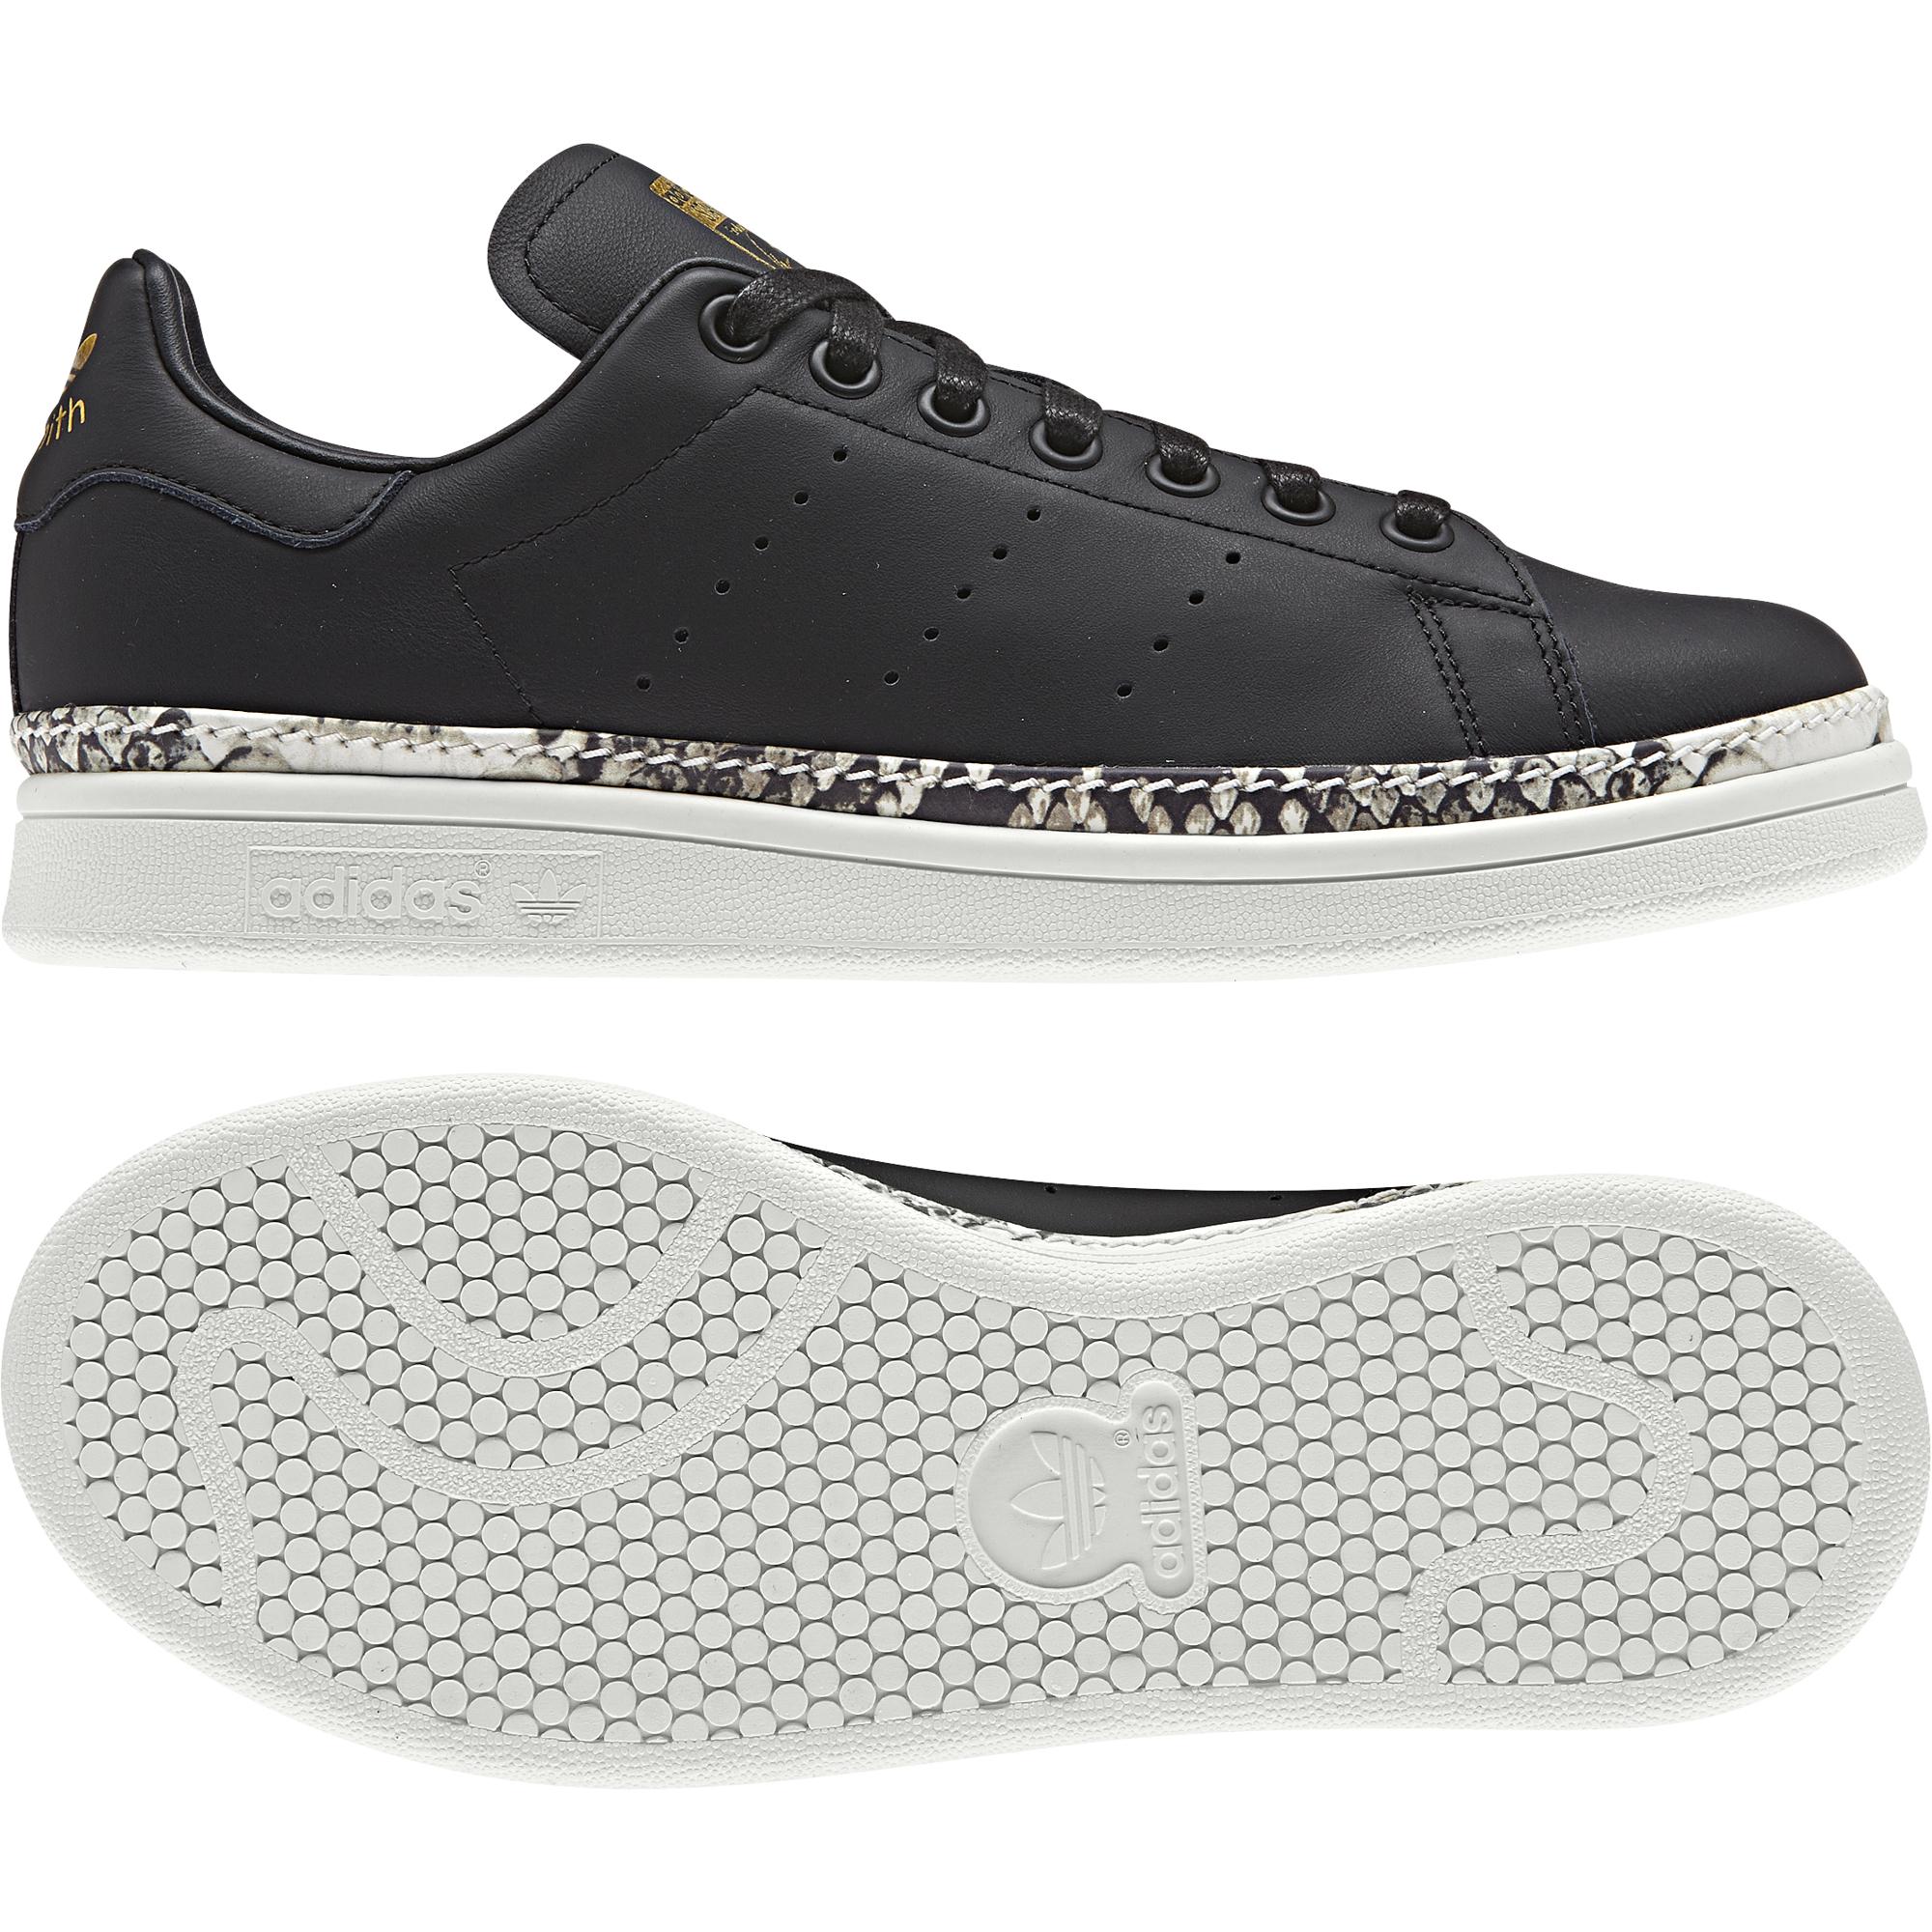 mieux aimé 2afcc 72eaf Chaussures femme adidas Stan Smith New Bold